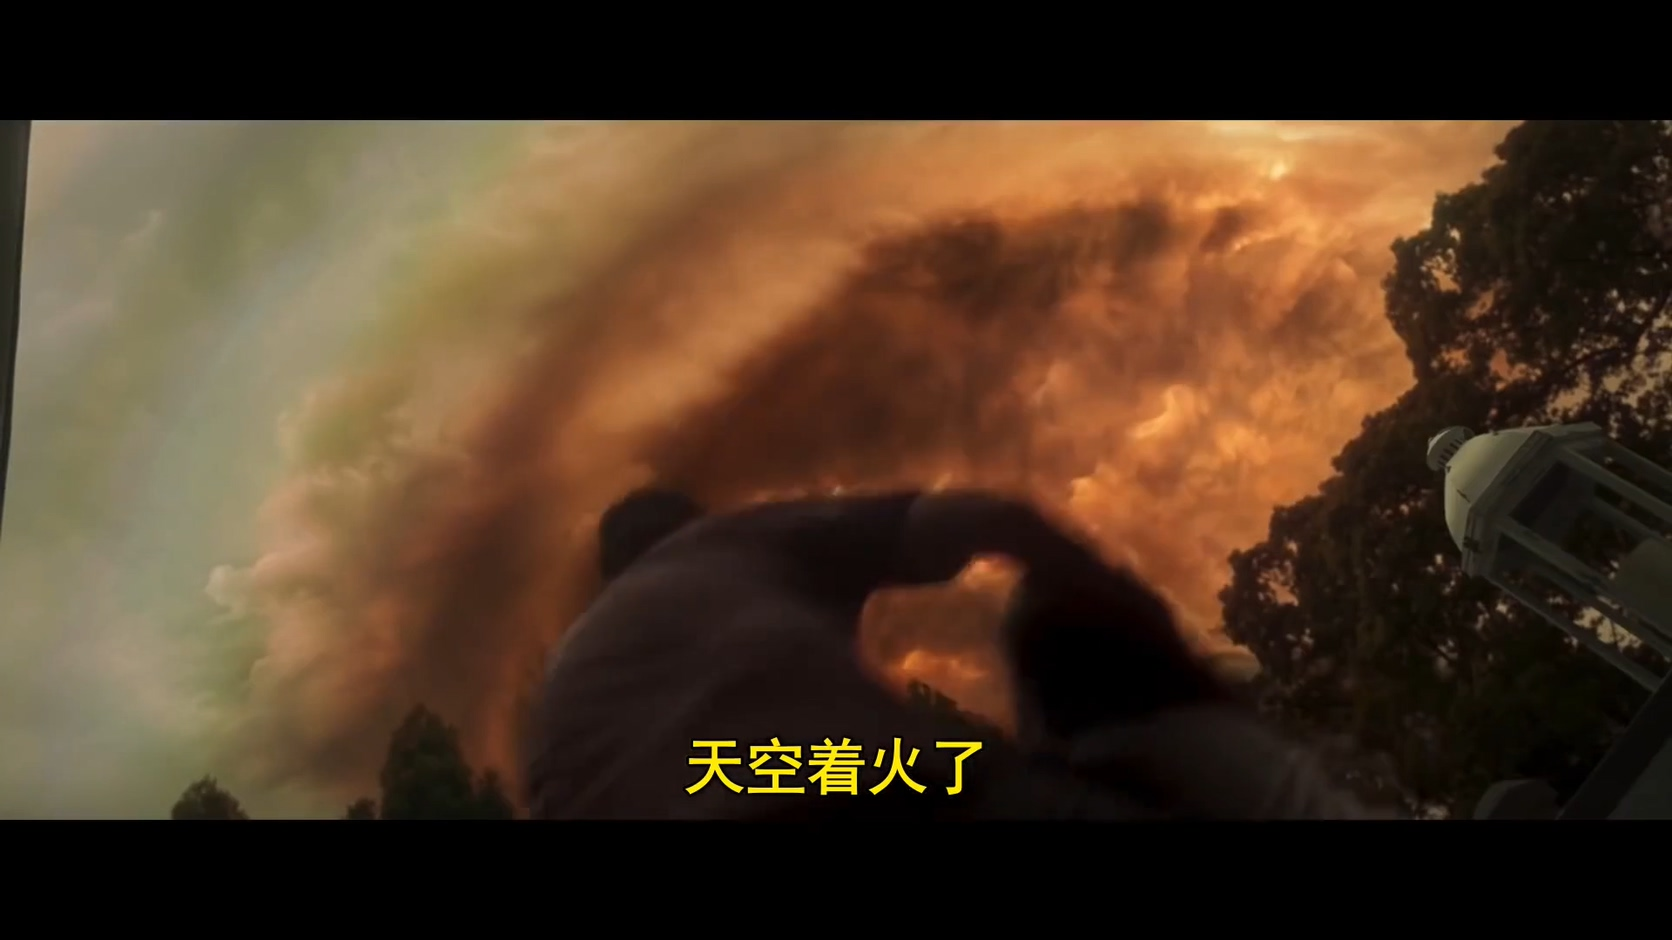 彗星撞地球!好莱坞科幻灾难片《格陵兰》发预告